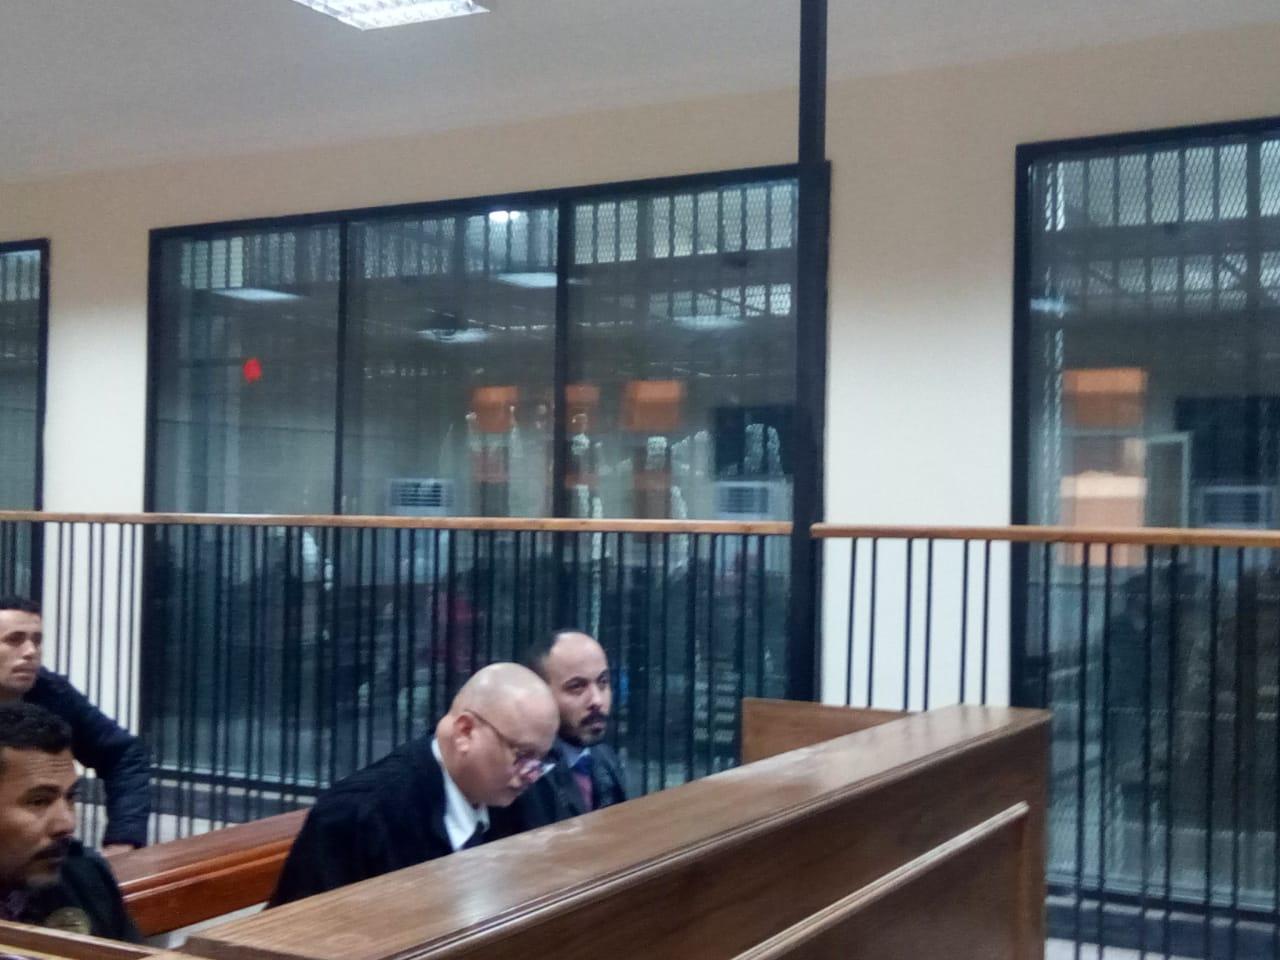 هيئة المحكمة برئاسة المستشار محمد سعيد الشربينى تفض احراز العائدون من ليبيا (8)